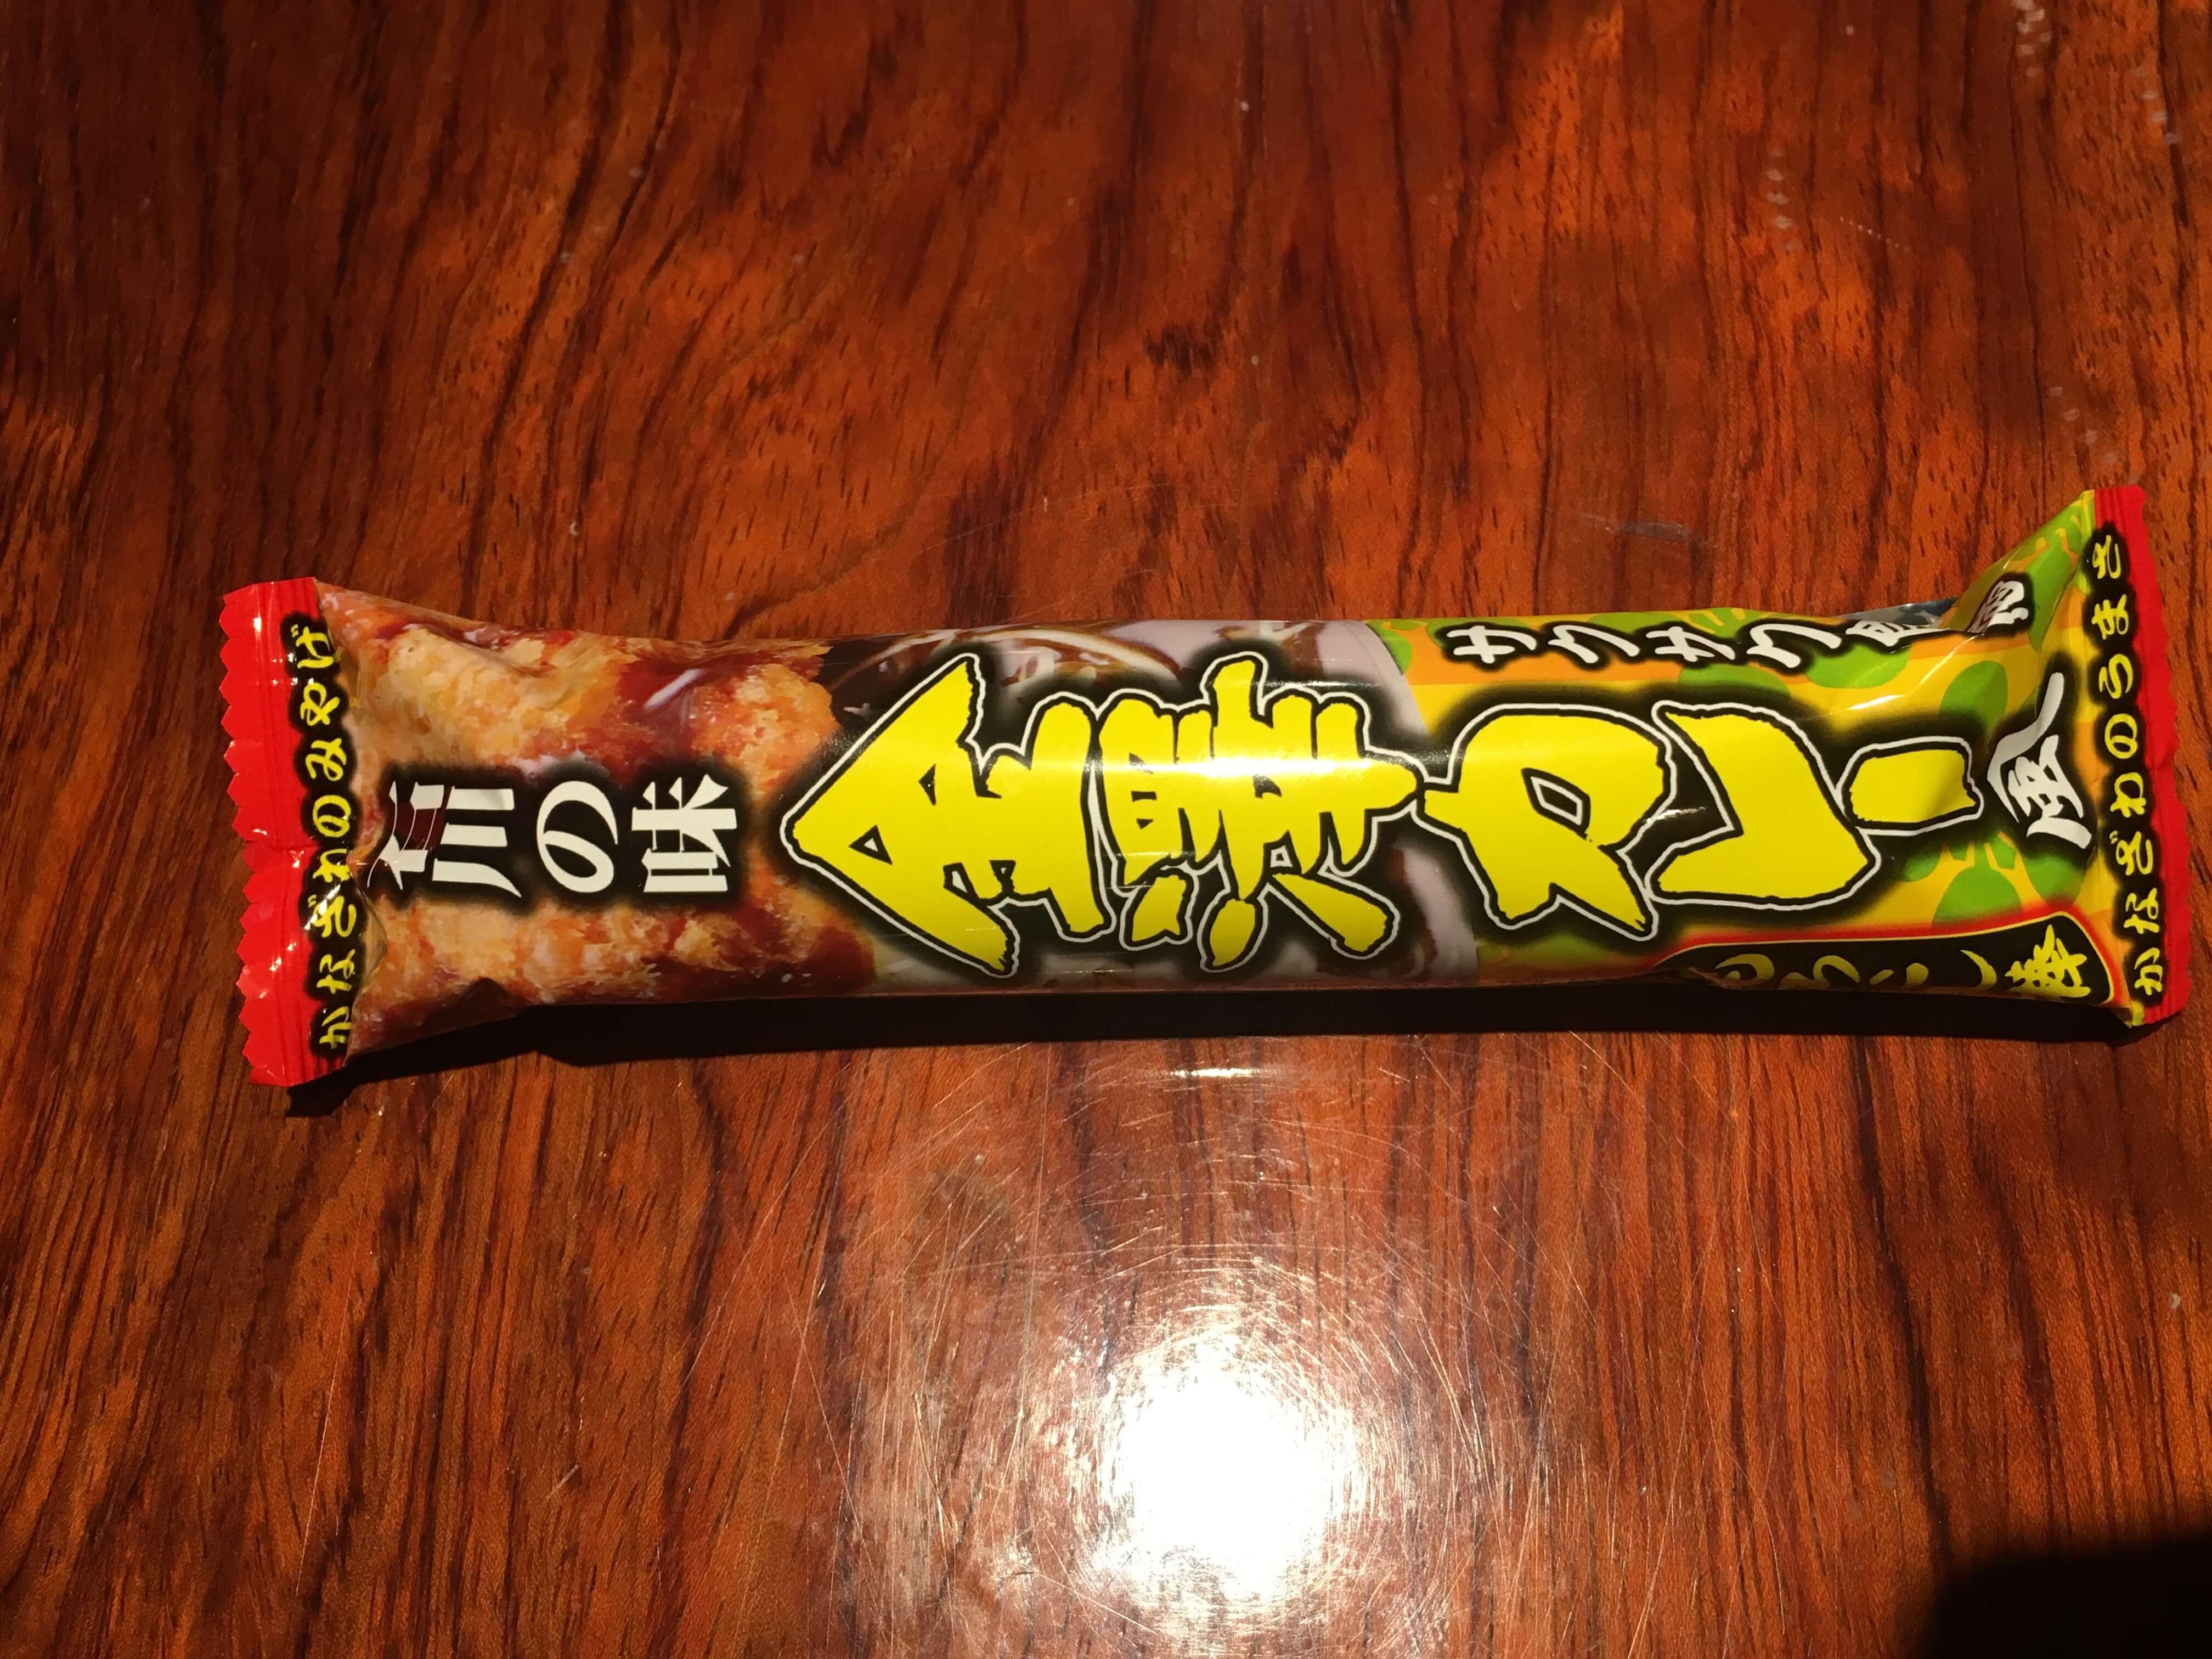 福井で作られている金澤カレー風味の「もろこし棒」。う○い棒に似ているけど違う金澤カレー風味のもろこし棒